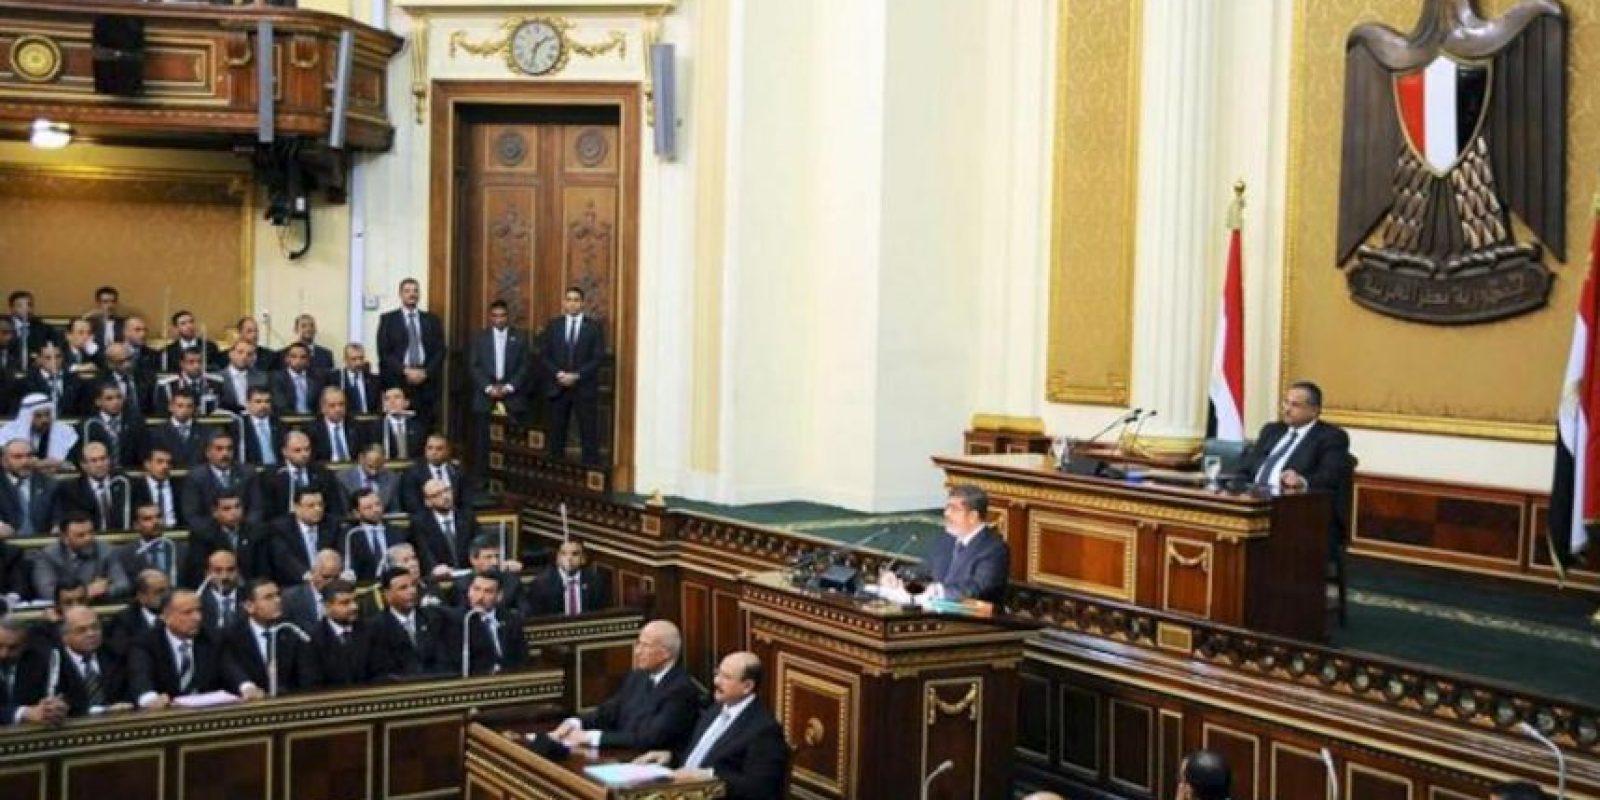 """El presidente de Egipto, Mohamed Mursi, habla hoy en la Cámara alta (o """"Shura"""") del Parlamento egipcio. EFE"""